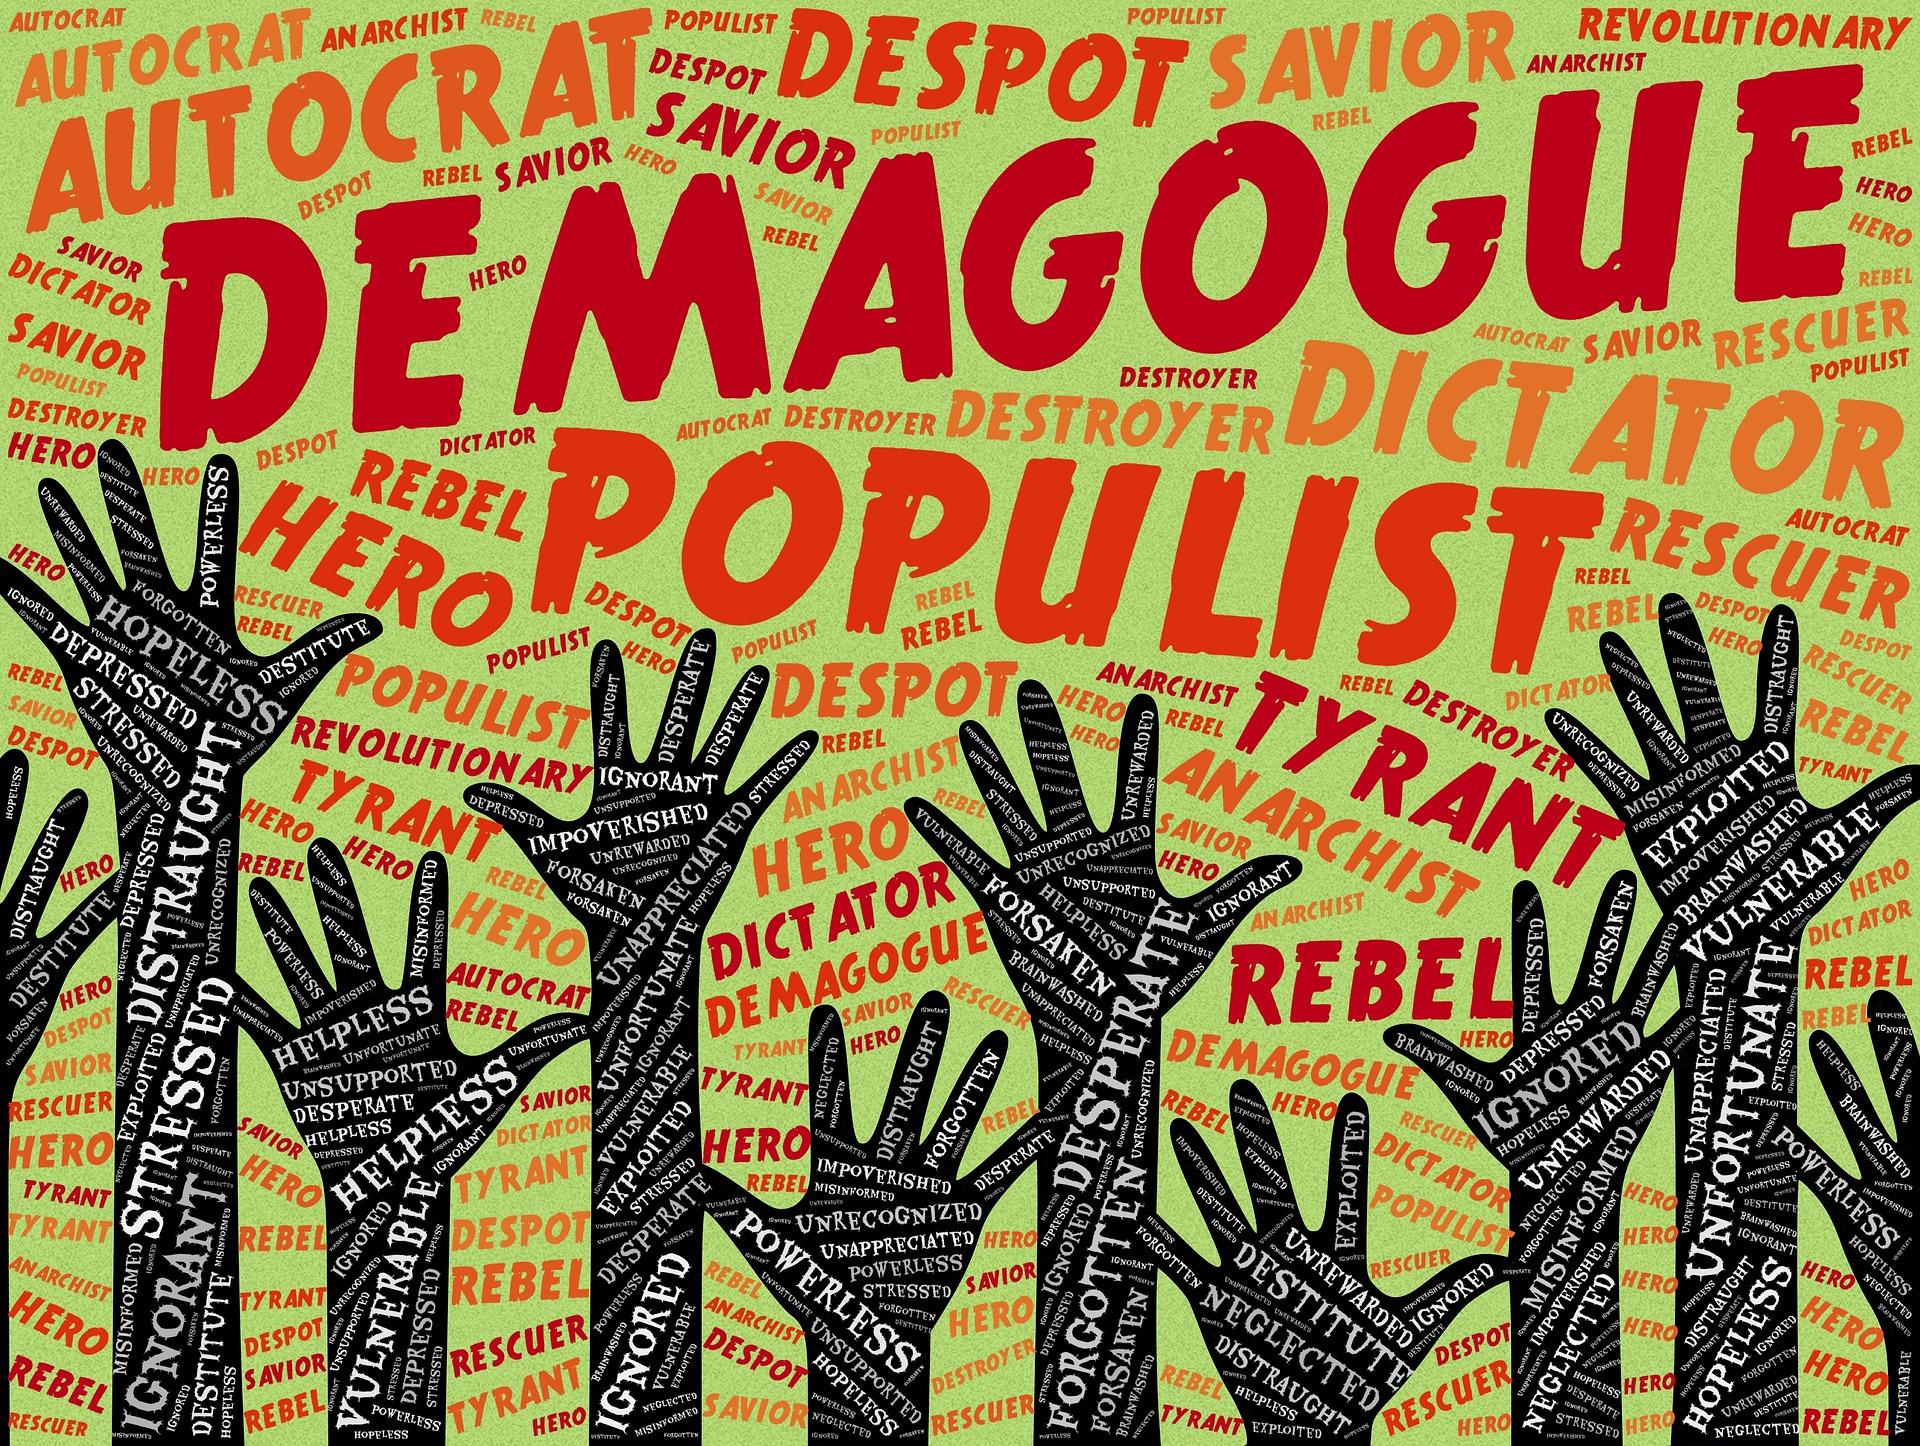 demagogue-2193093_1920